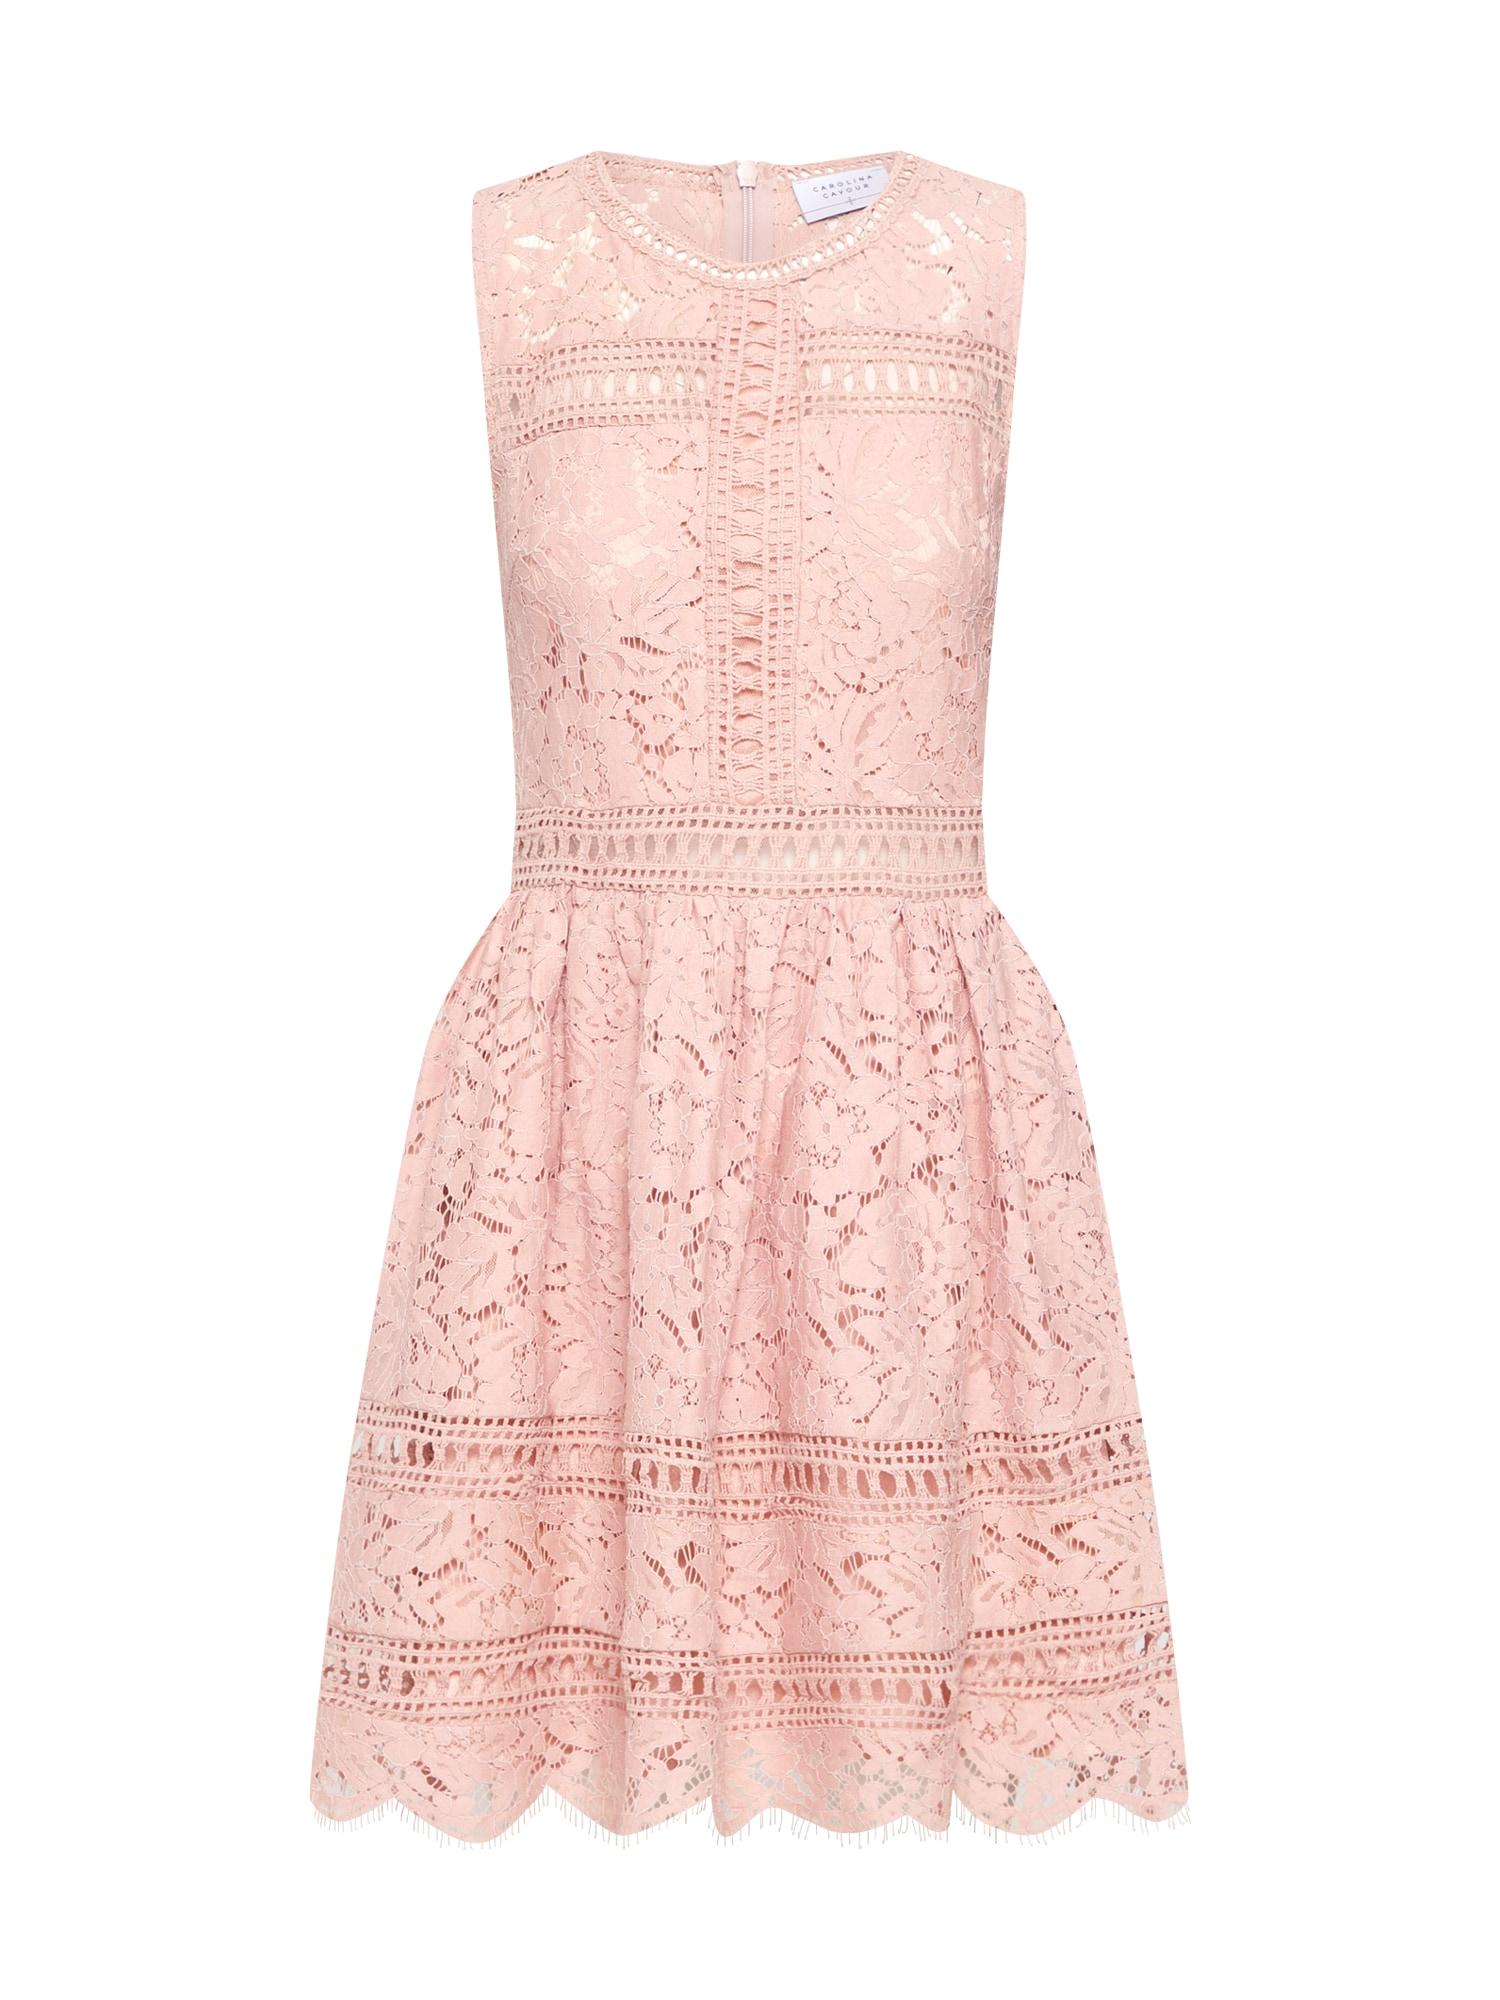 Koktejlové šaty Lace and embroidery pink Carolina Cavour